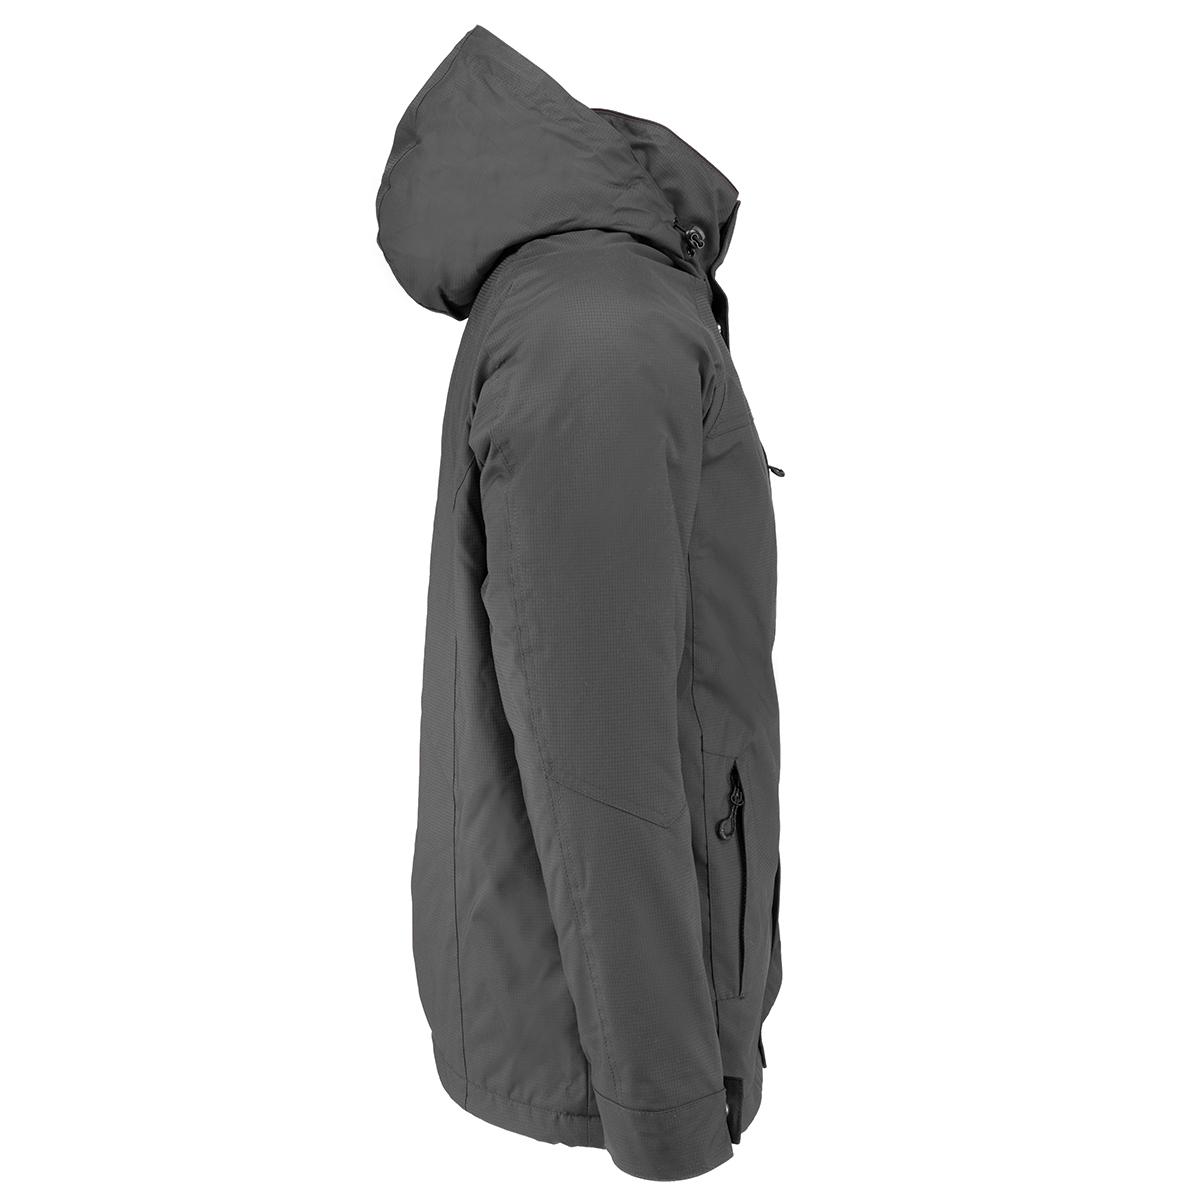 IZOD-Men-039-s-Midweight-Polar-Fleece-Lined-Jacket thumbnail 11